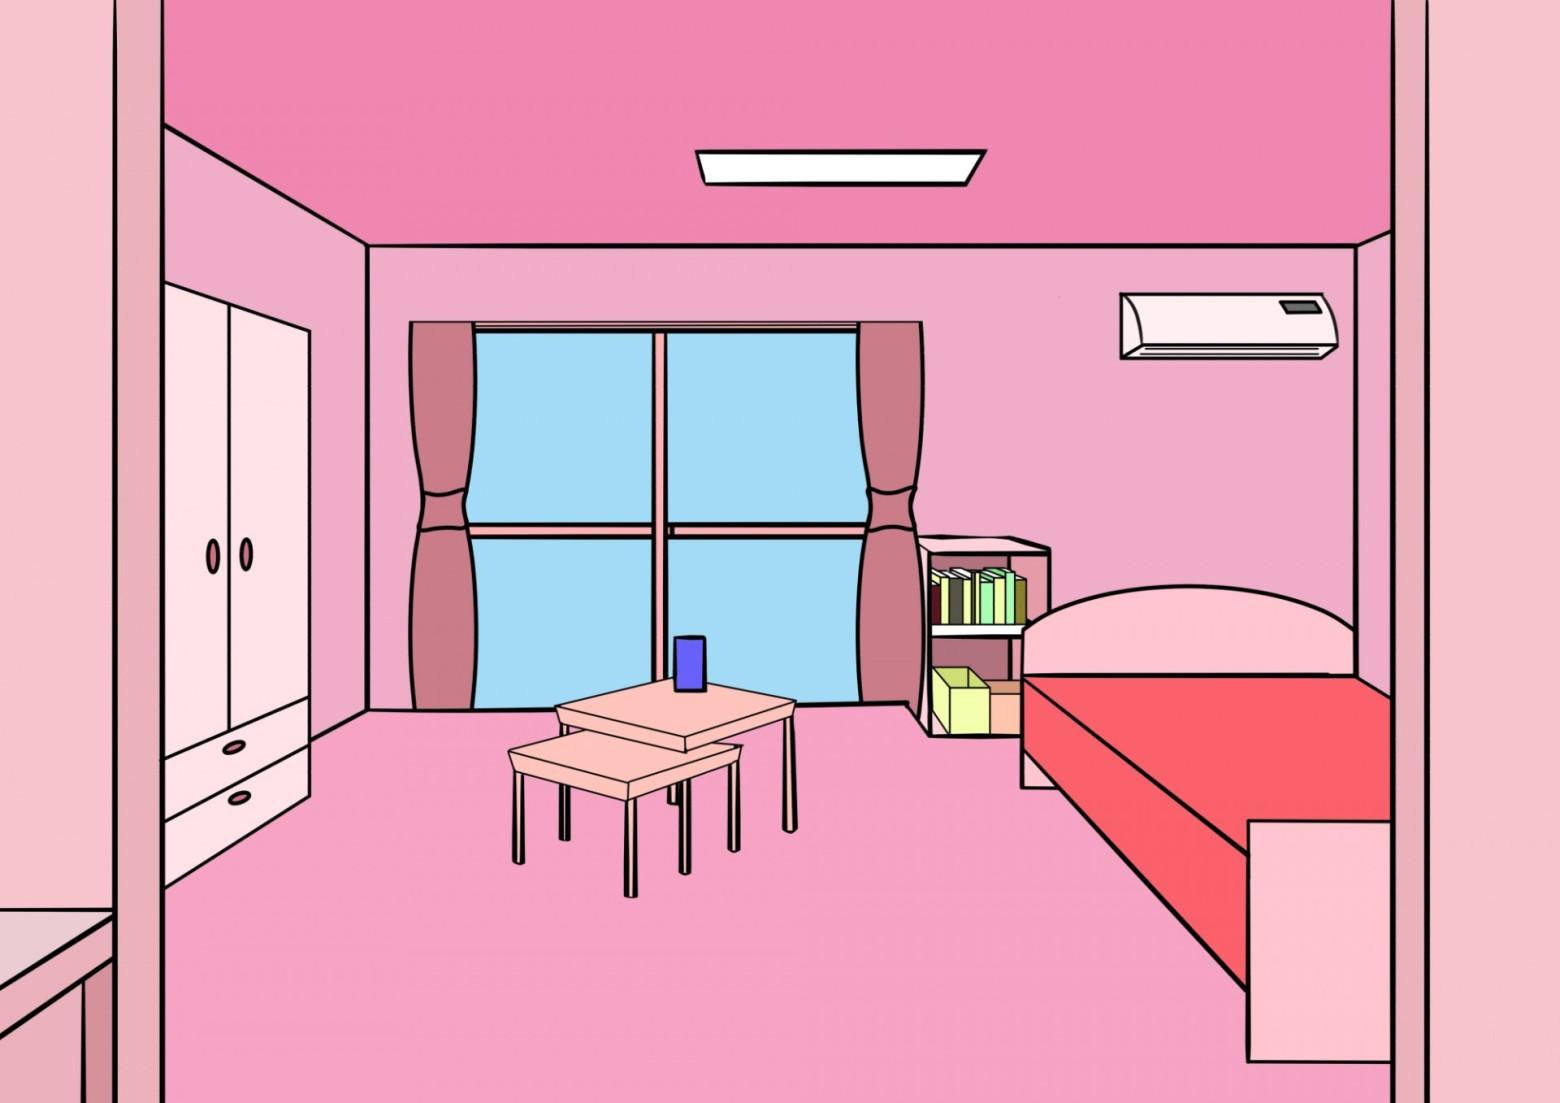 illustration chambre d\' enfant fille rose   images gratuites et ...